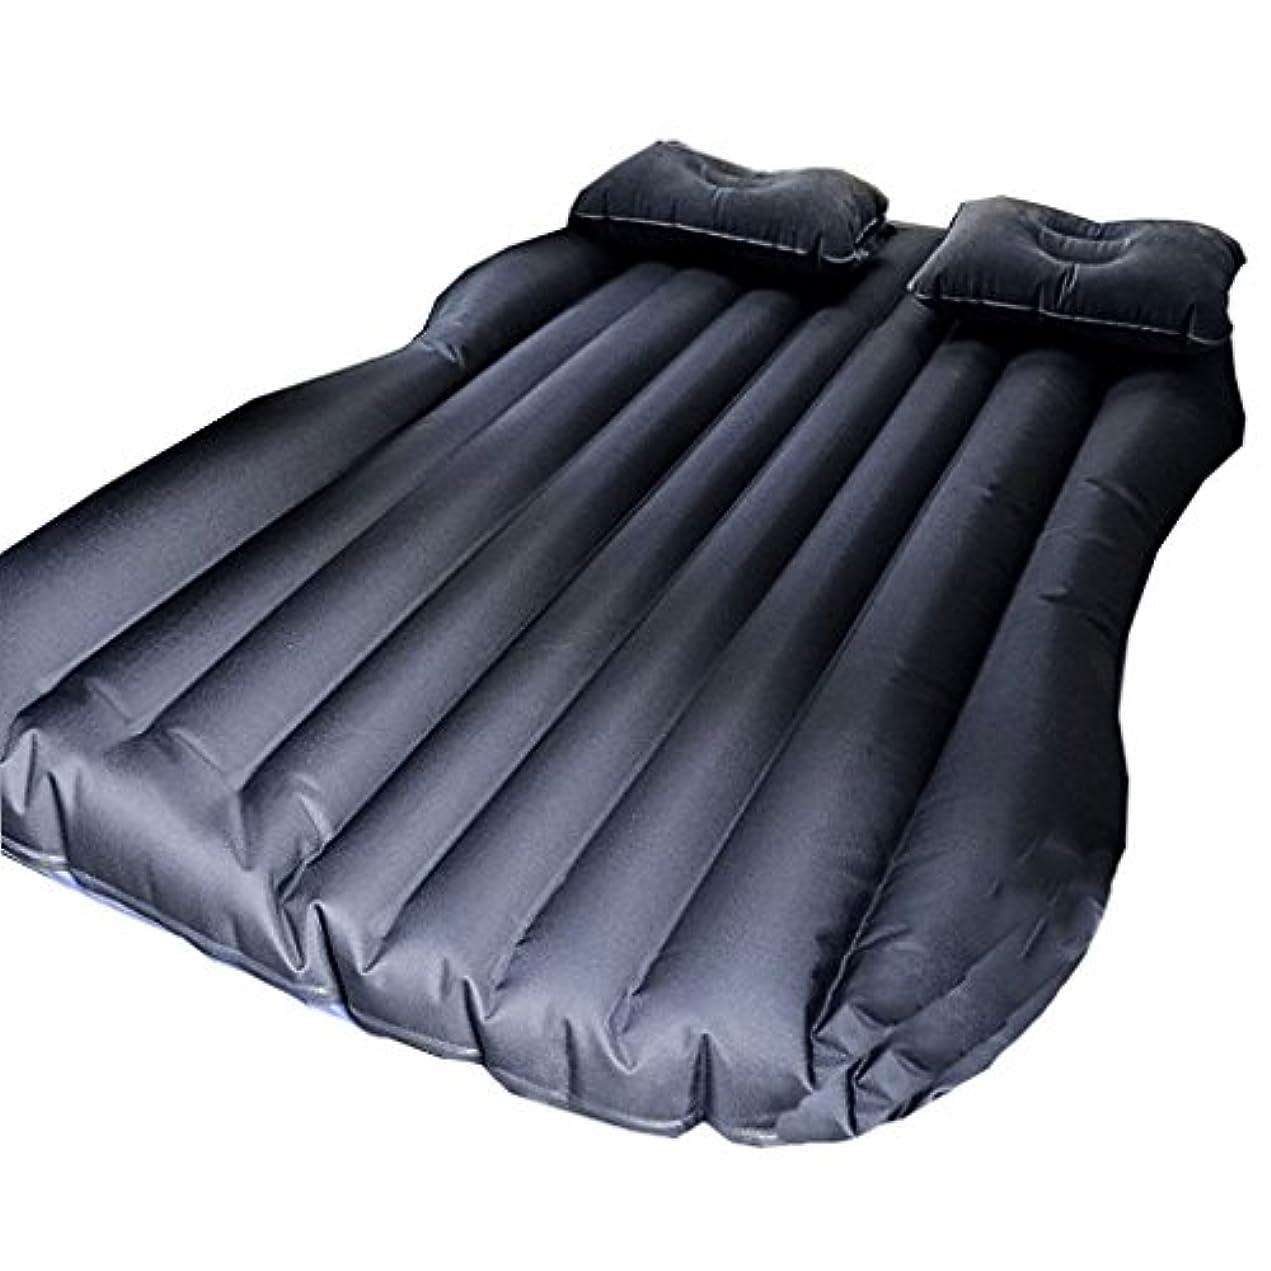 シリング戸口傷つけるQL エアベッド - カーマットレス折り畳み式カーインフレータブルリアトラベルベッドカーベッド エアマットレス (Color : Black)